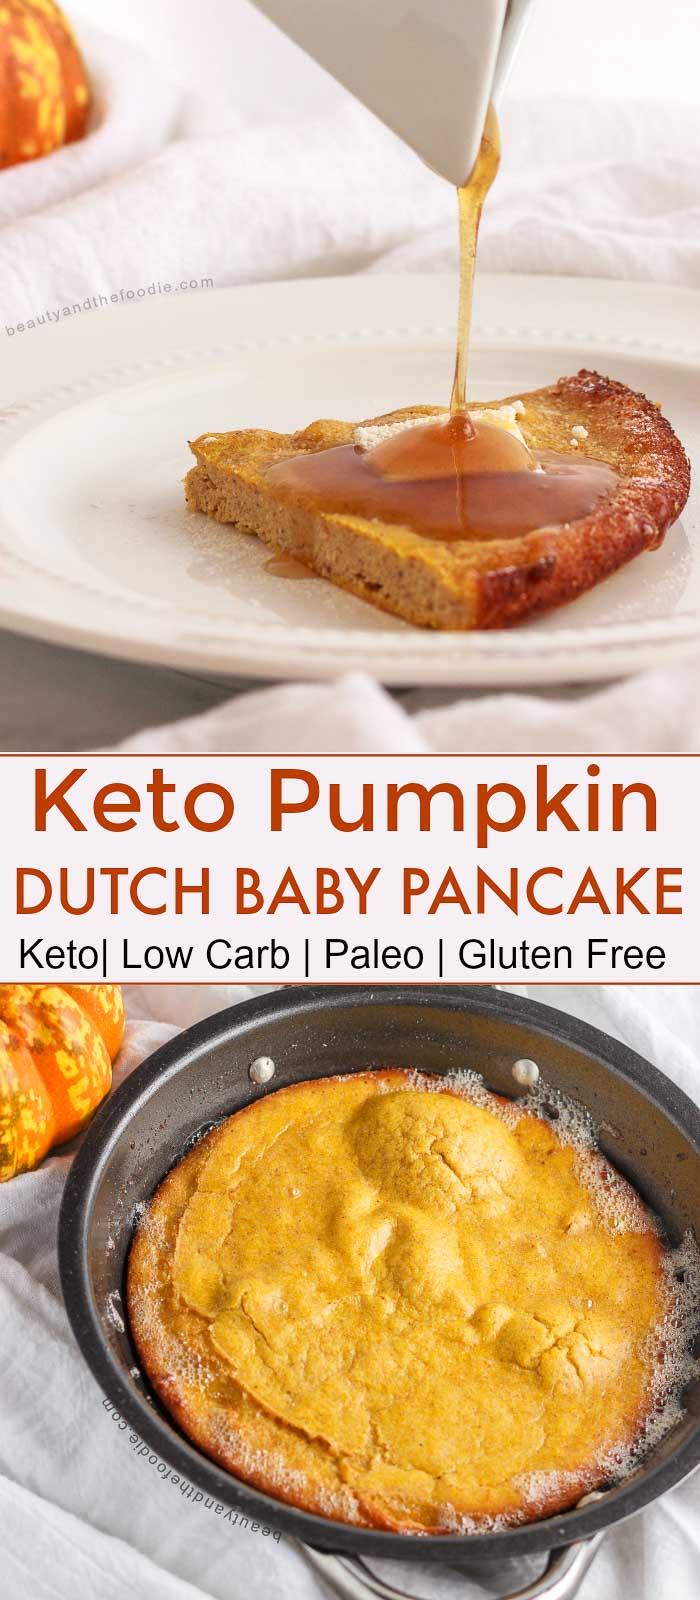 Keto Pumpkin Dutch Baby Pancake